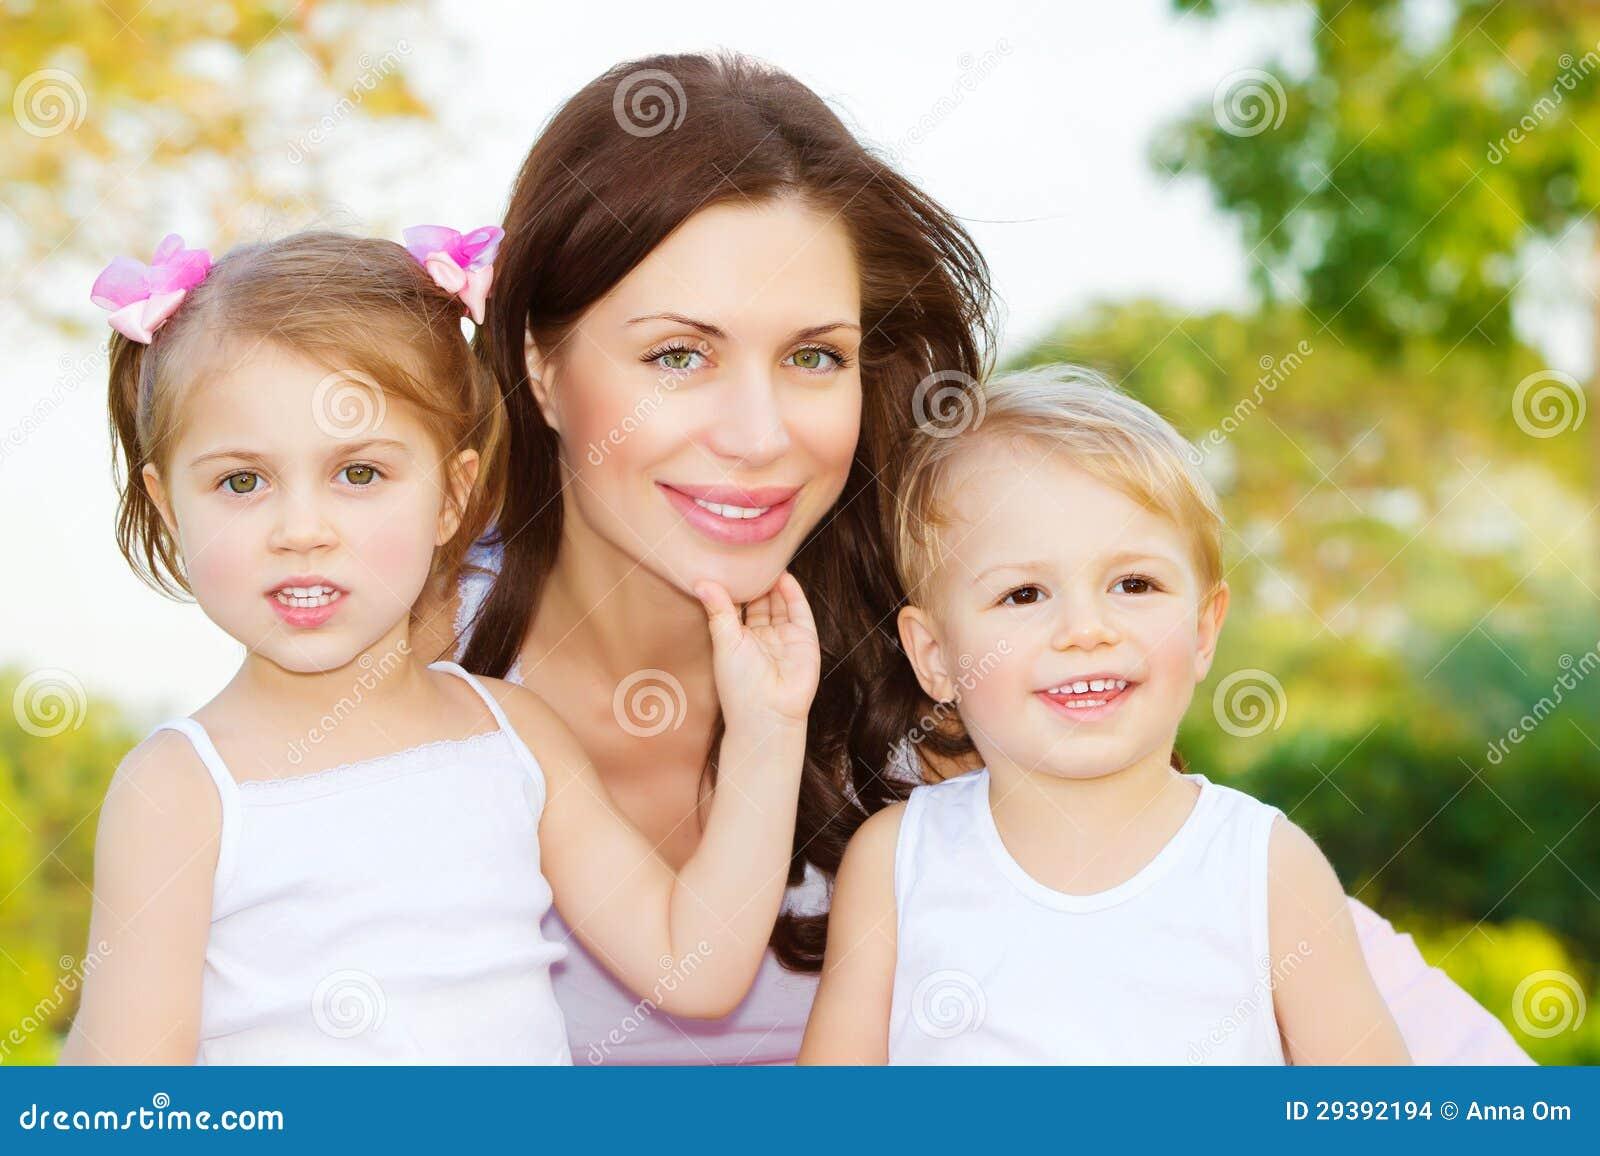 Связь мама и сын 14 фотография